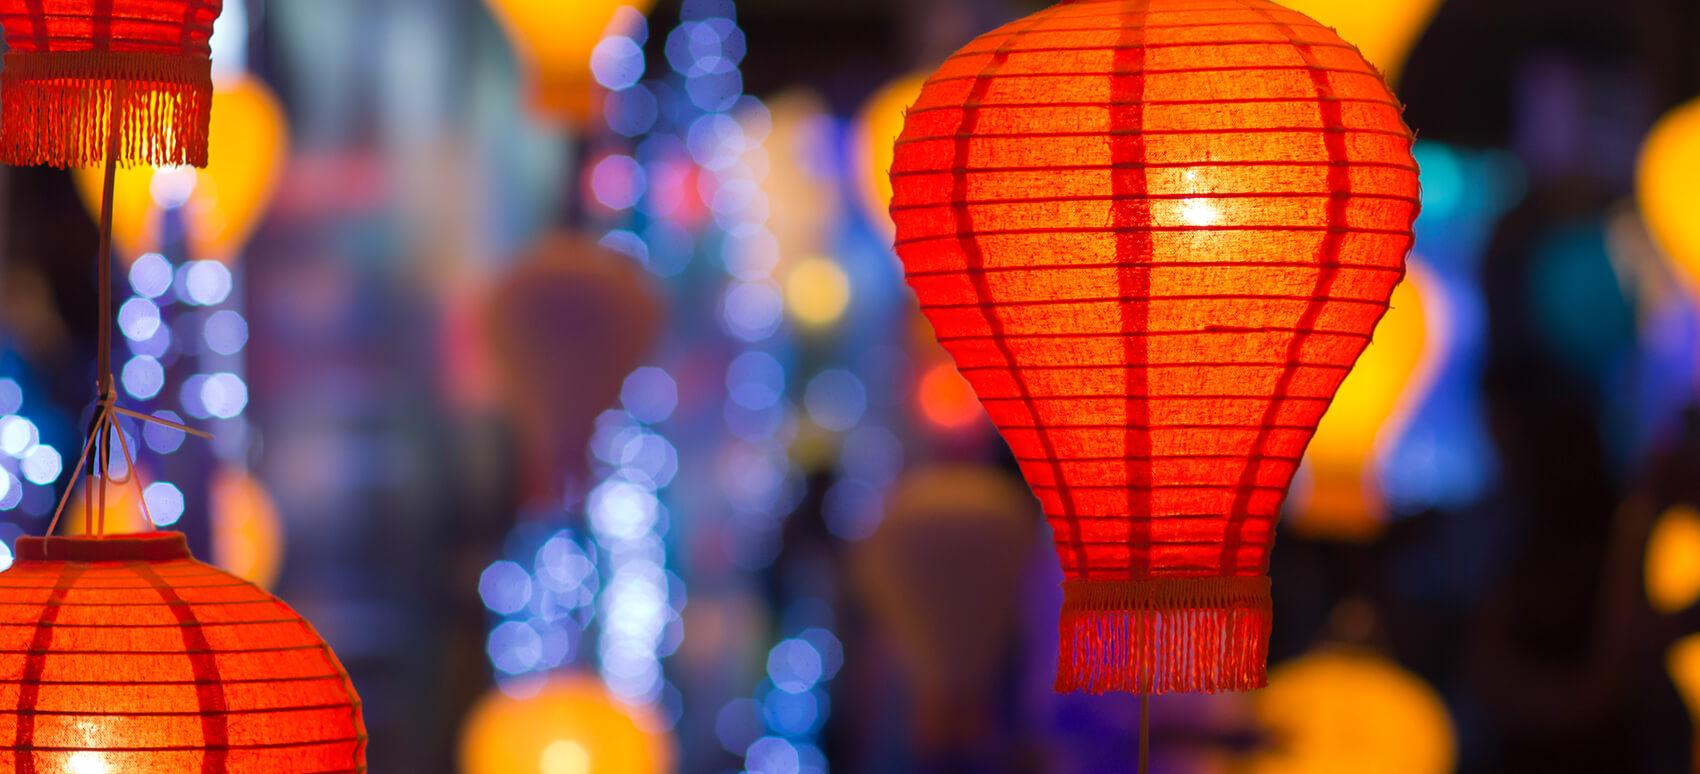 Planlæg dine transporter omkring kinesisk nytår 2020